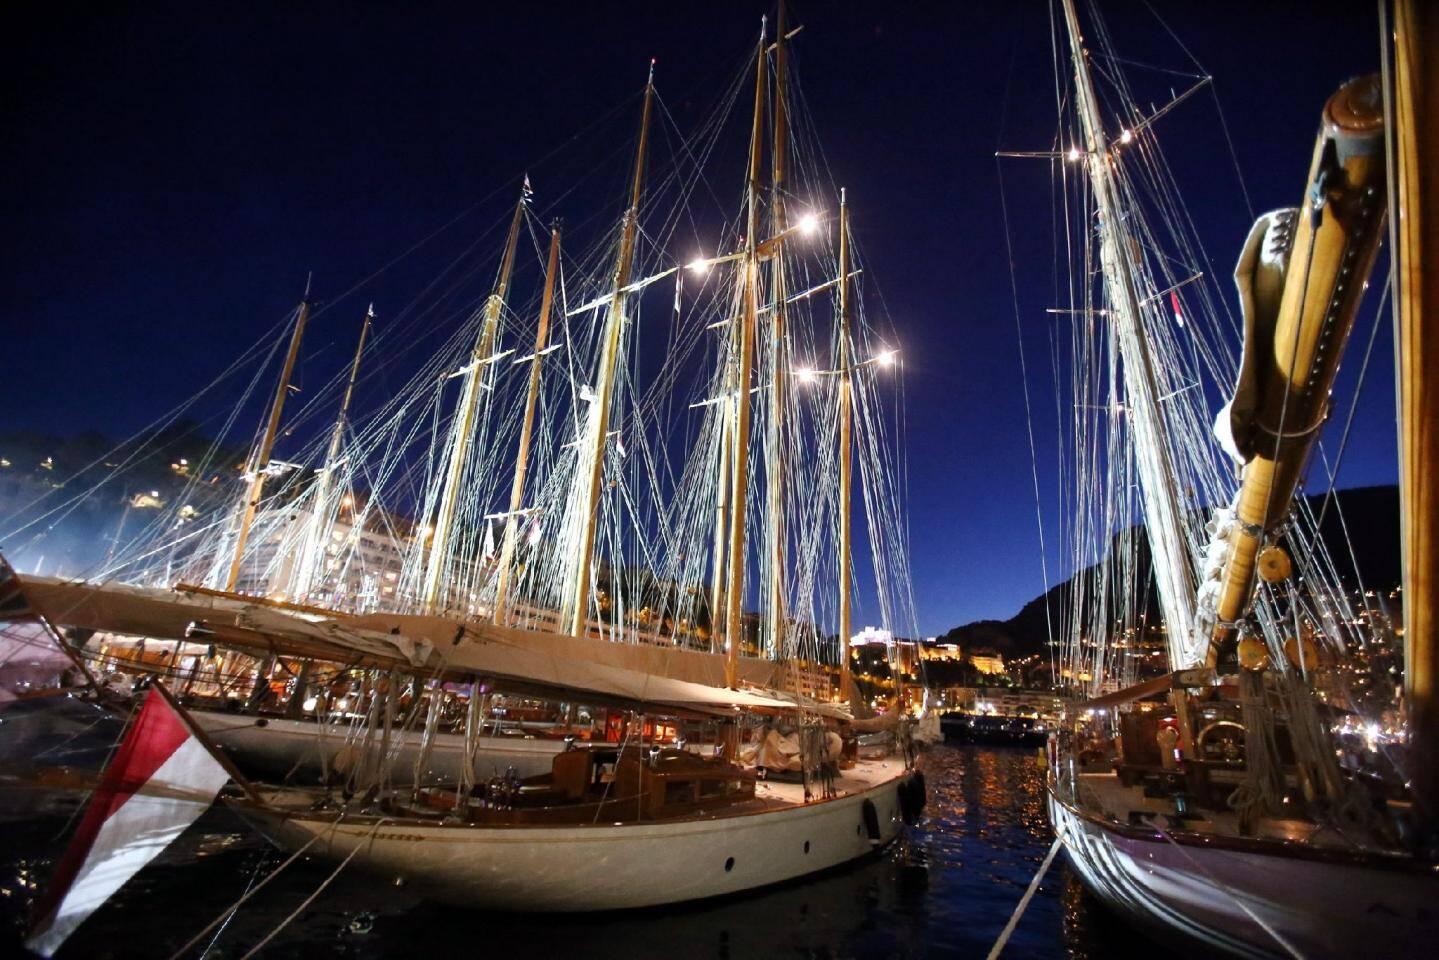 Yachts de tradition :  le rêve au fil de l'e - 30381327.jpg